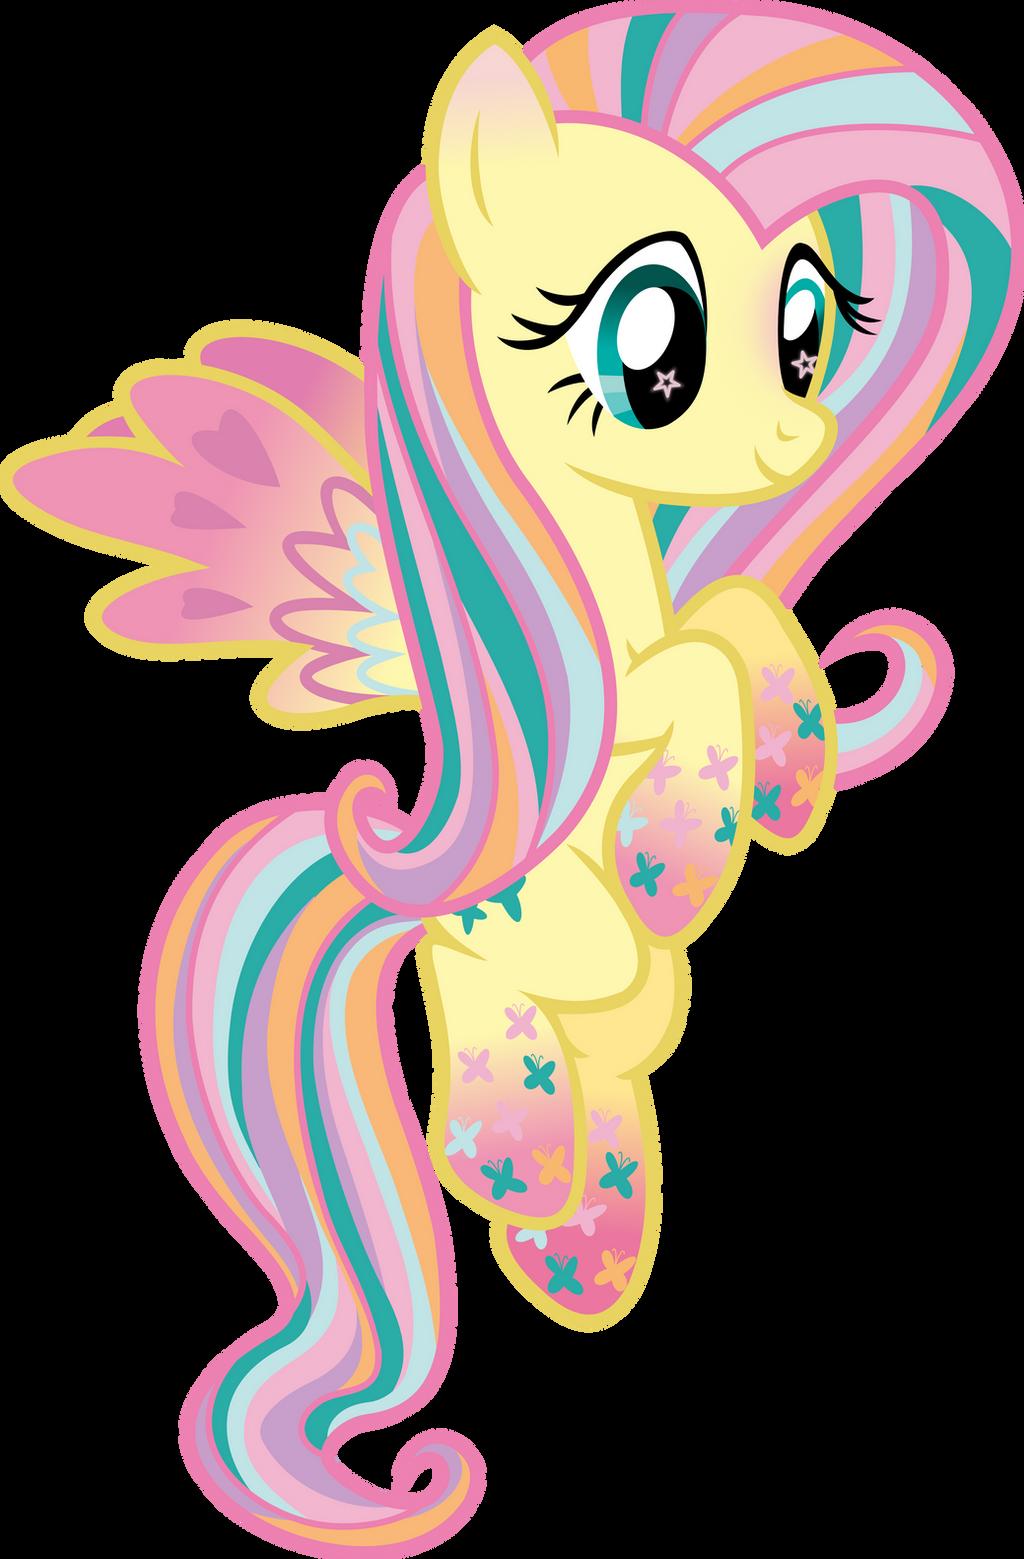 Rainbow Power Fluttershy by strawberrythefox1452 on DeviantArt